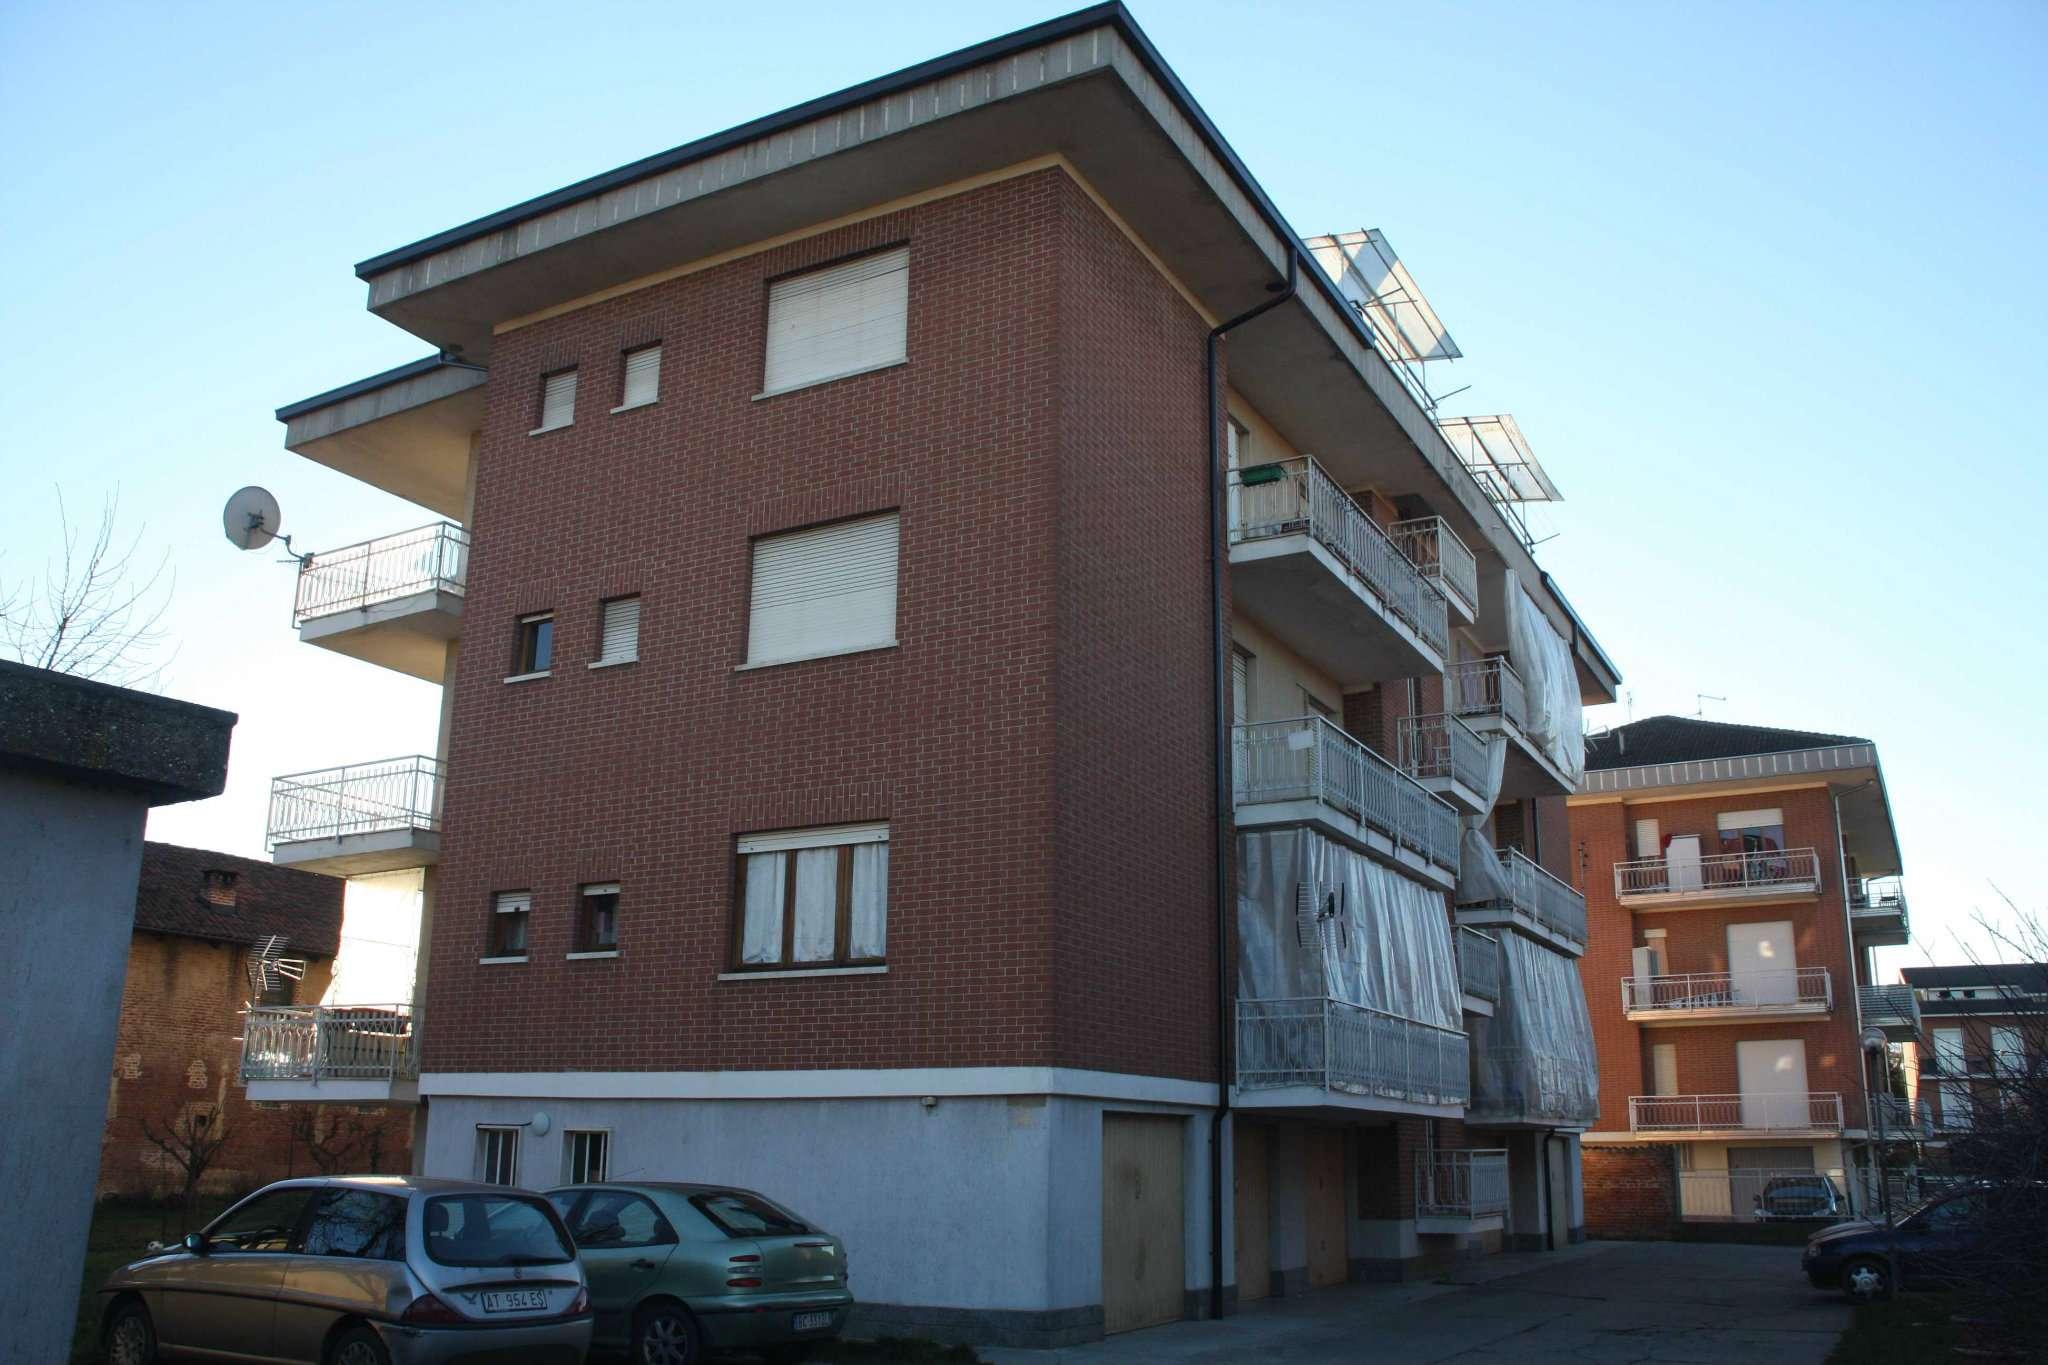 Appartamento in vendita a Villanova d'Asti, 2 locali, prezzo € 50.000 | Cambio Casa.it